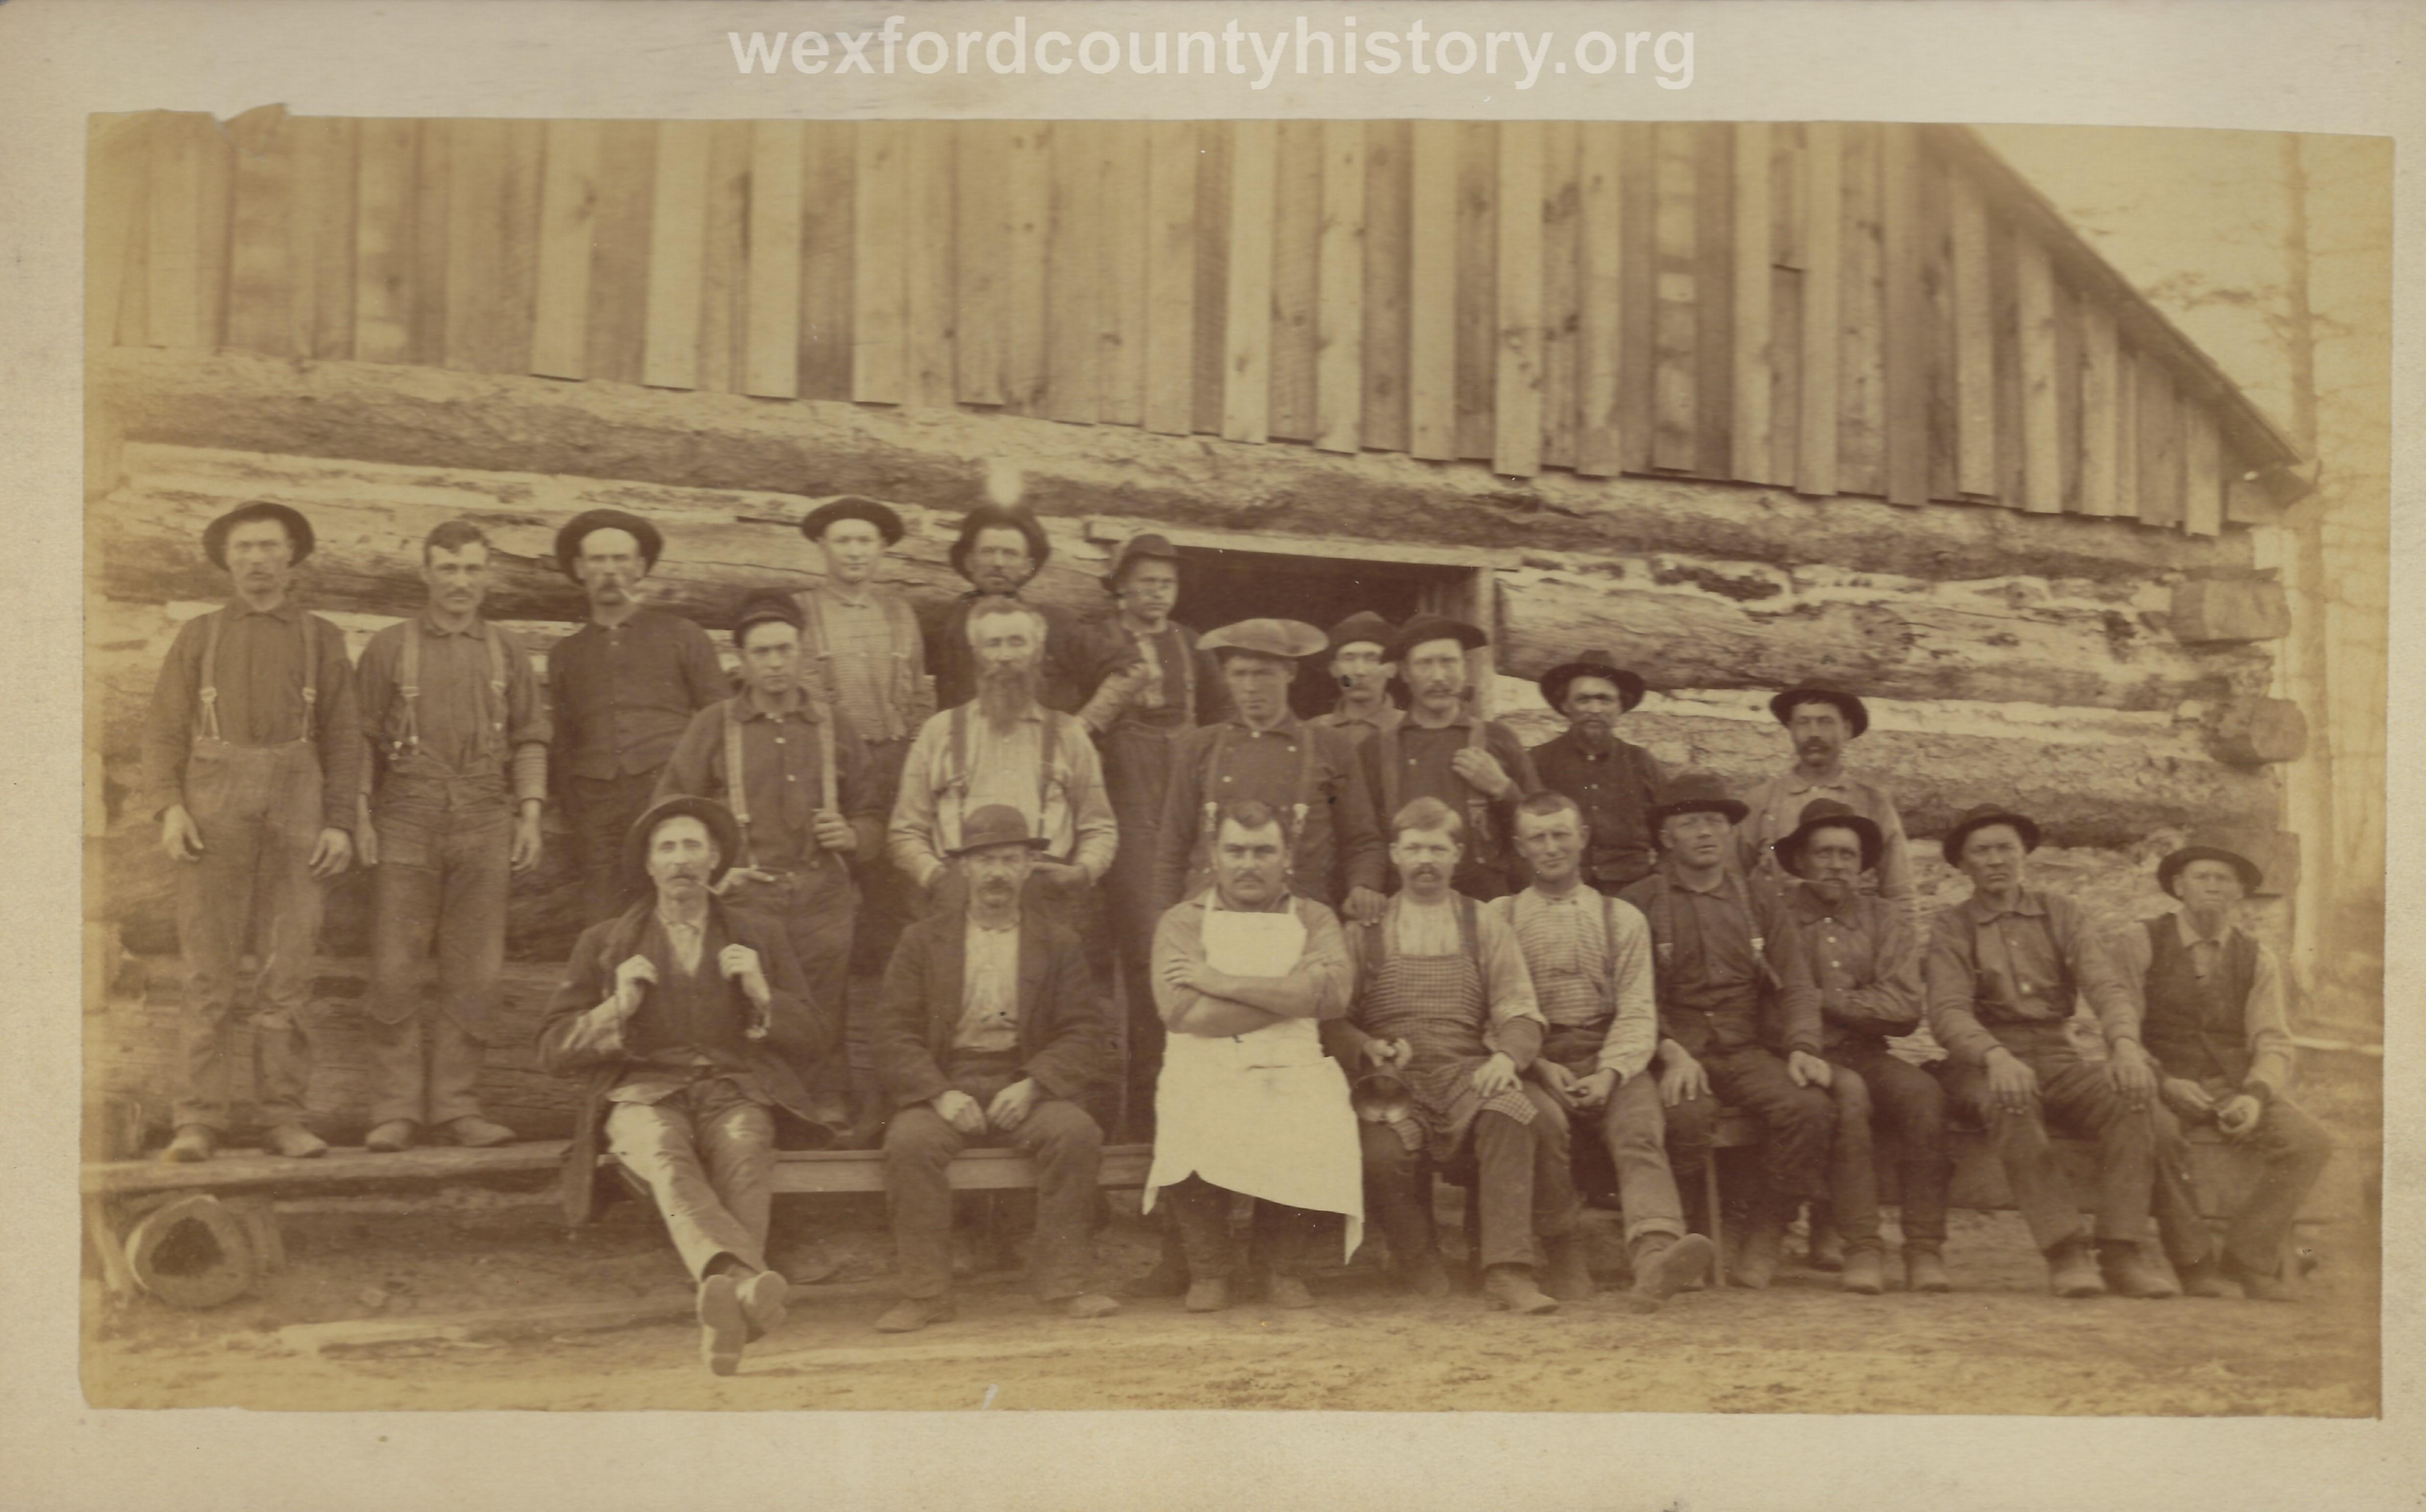 Cadillac-Lumber-Lumberjacks-Posing-In-Front-Of-Camp-Building